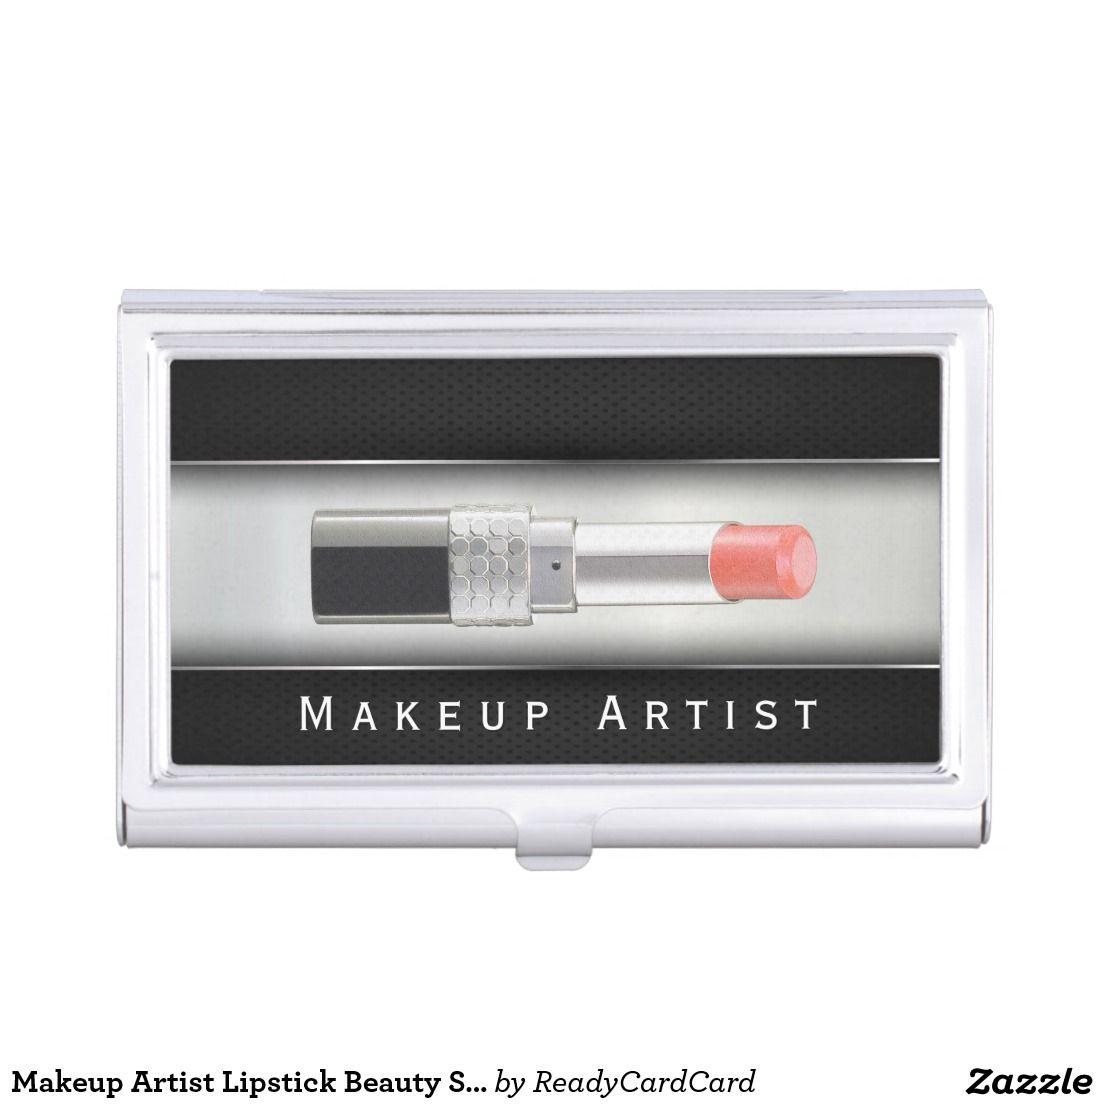 Makeup Artist Lipstick Beauty Salon Black Metal Business Card Holder ...